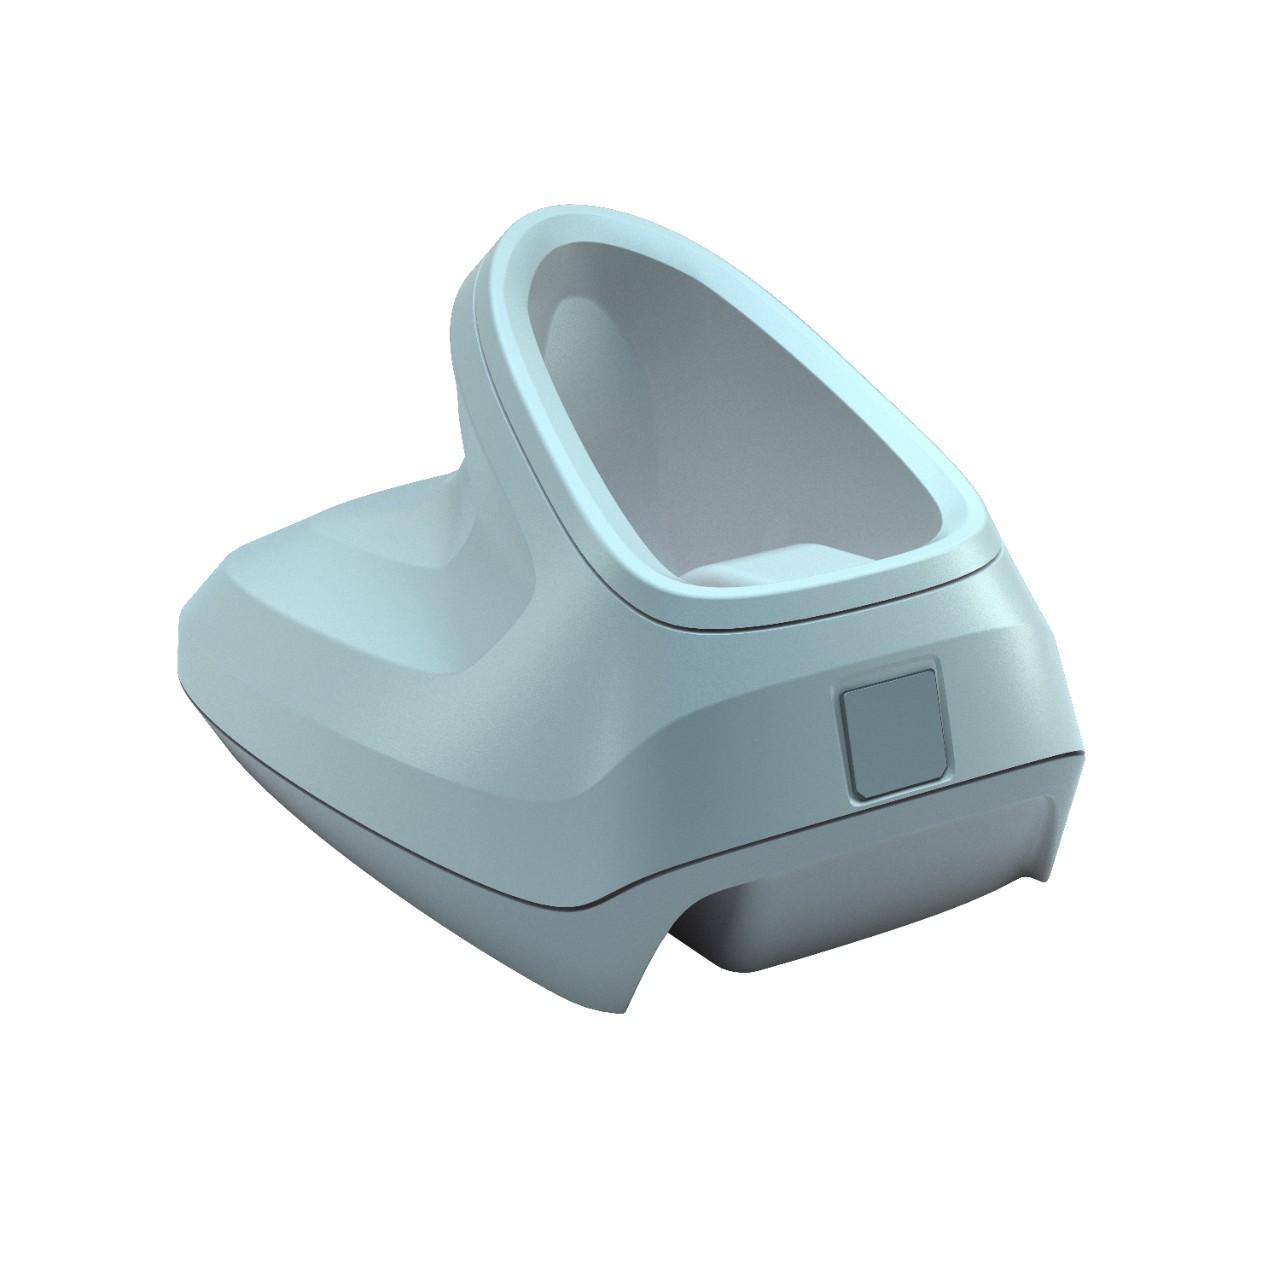 бяла стойка на безжичен баркод скенер Zebra DS2278 Bluetooth поглед отстрани отзад